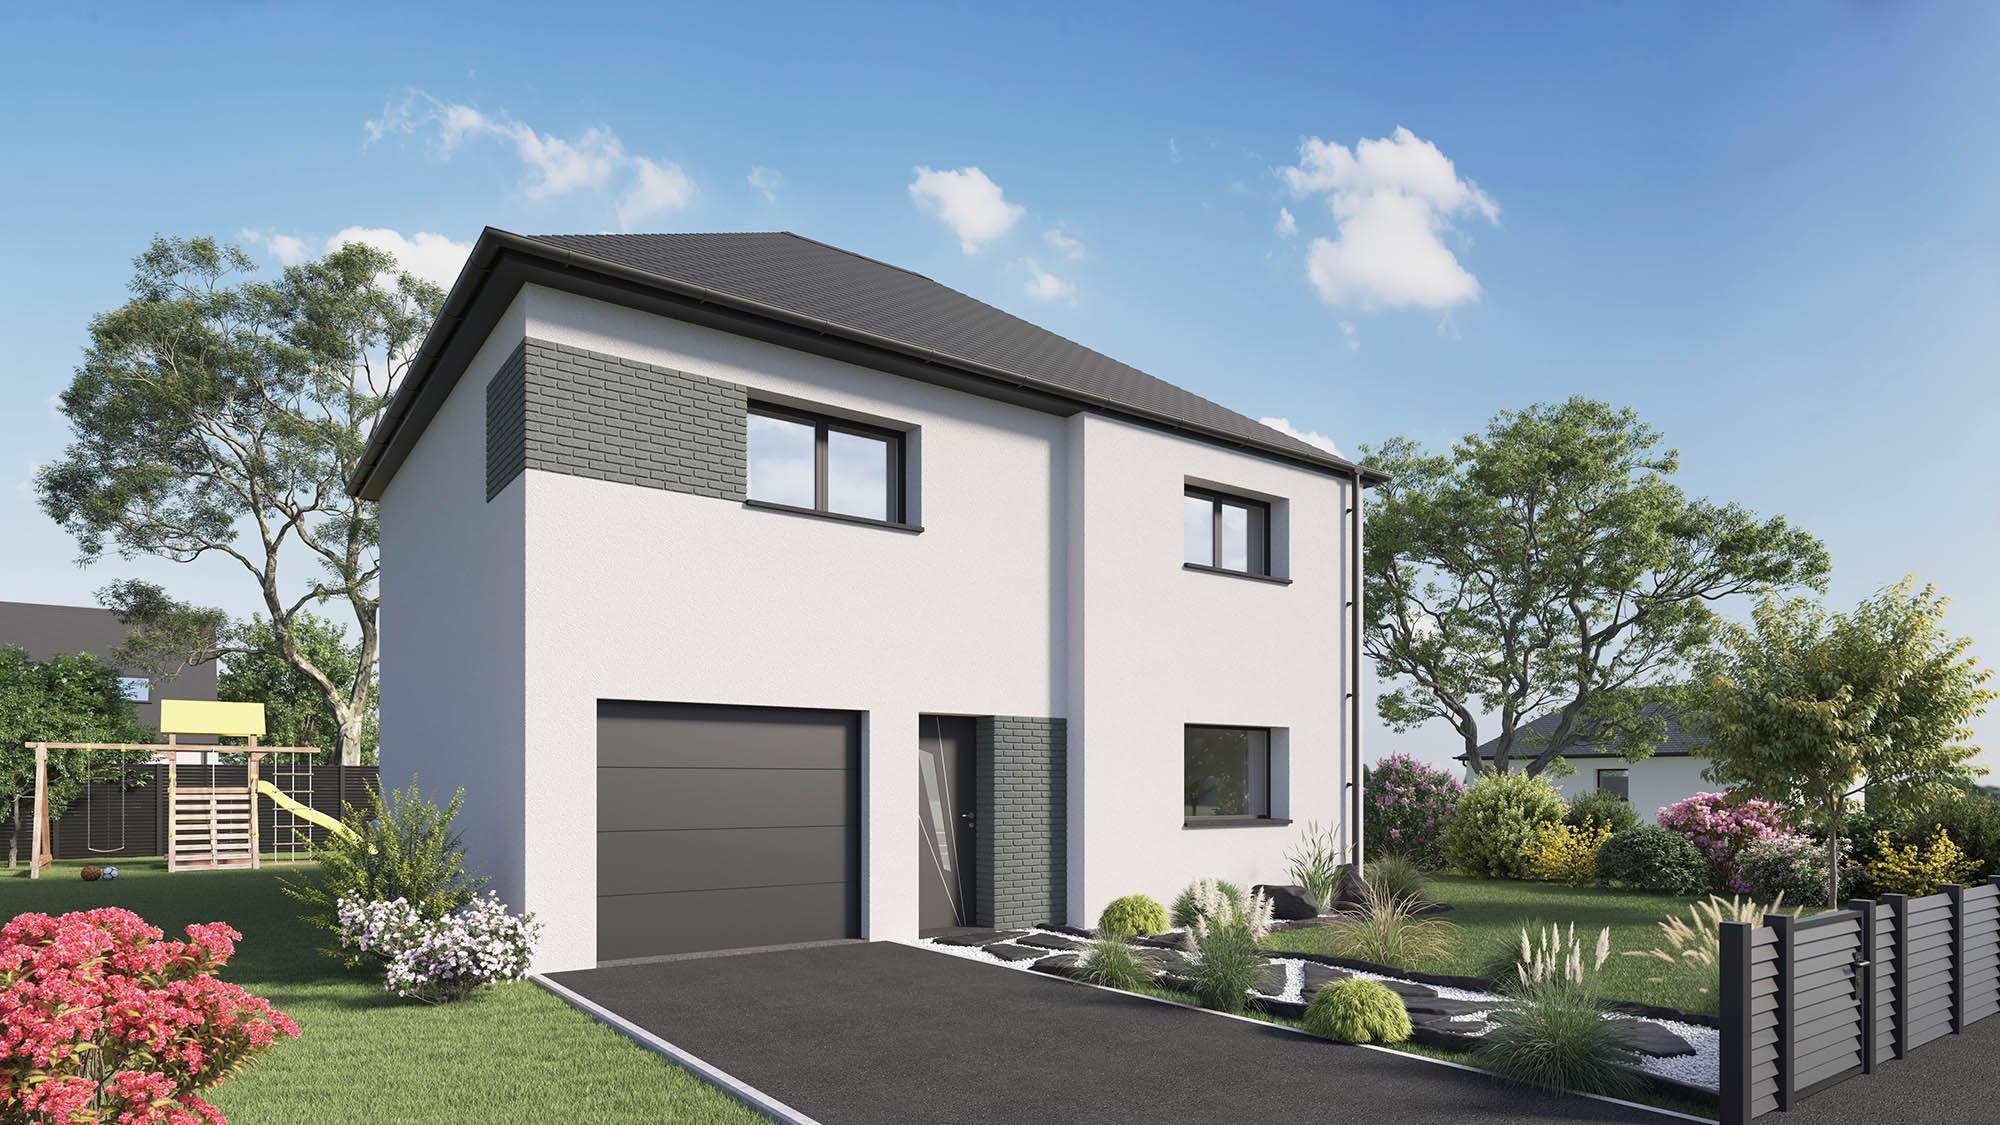 Maisons + Terrains du constructeur MAISON CASTOR • 116 m² • SAINT ANDRE DE L'EURE